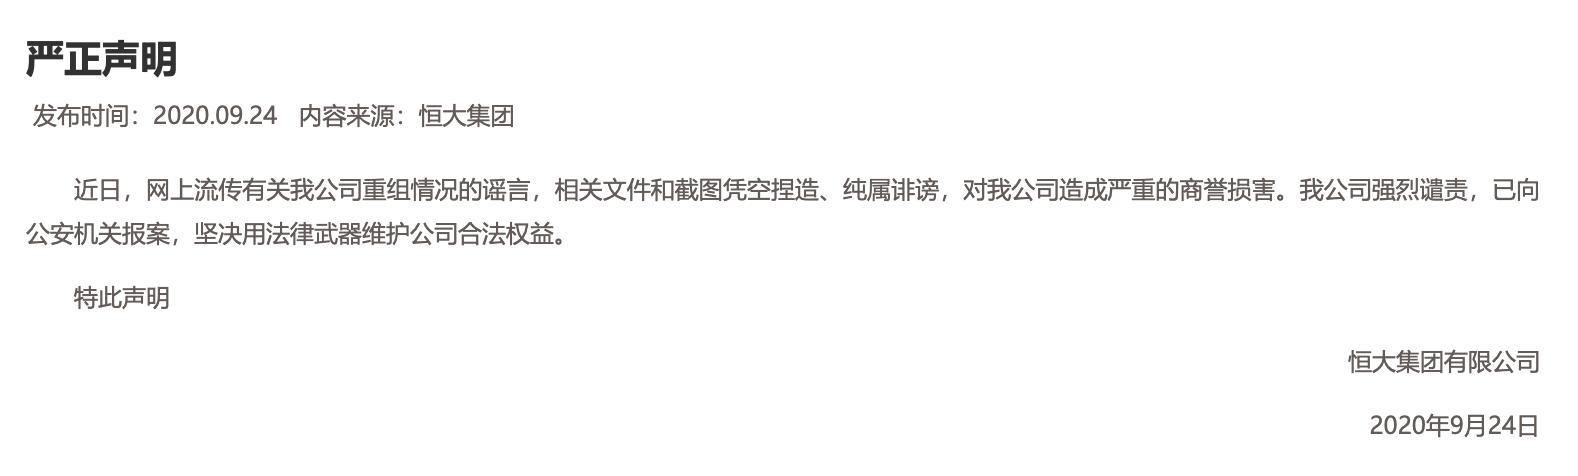 """恒大方面否认""""网传申请尽快重组""""文件:系不实信息 已报警丨热公司"""